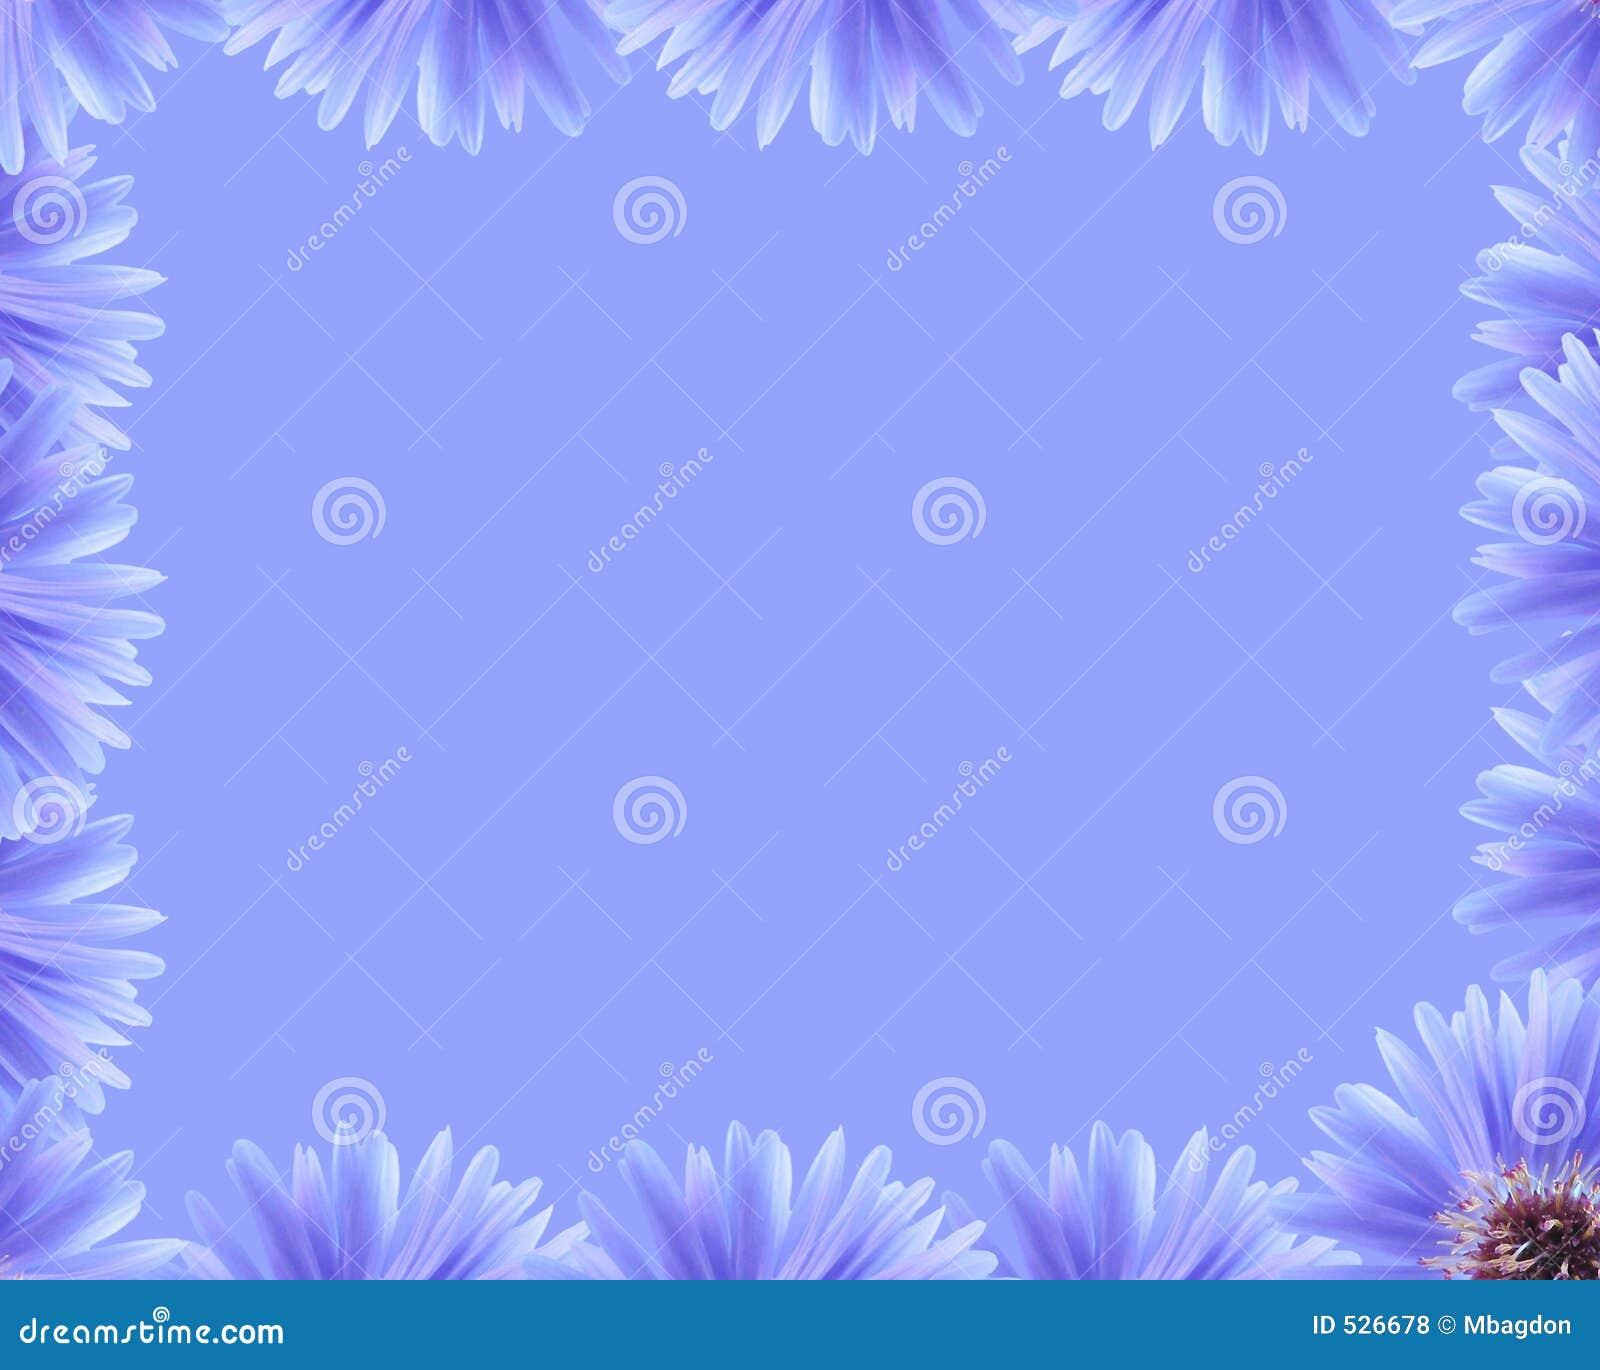 Download 边界花紫色 库存照片. 图片 包括有 国界的, 背包, 紫色, 夏天, 卖花人, 框架, 春天, 工厂, 花卉 - 526678